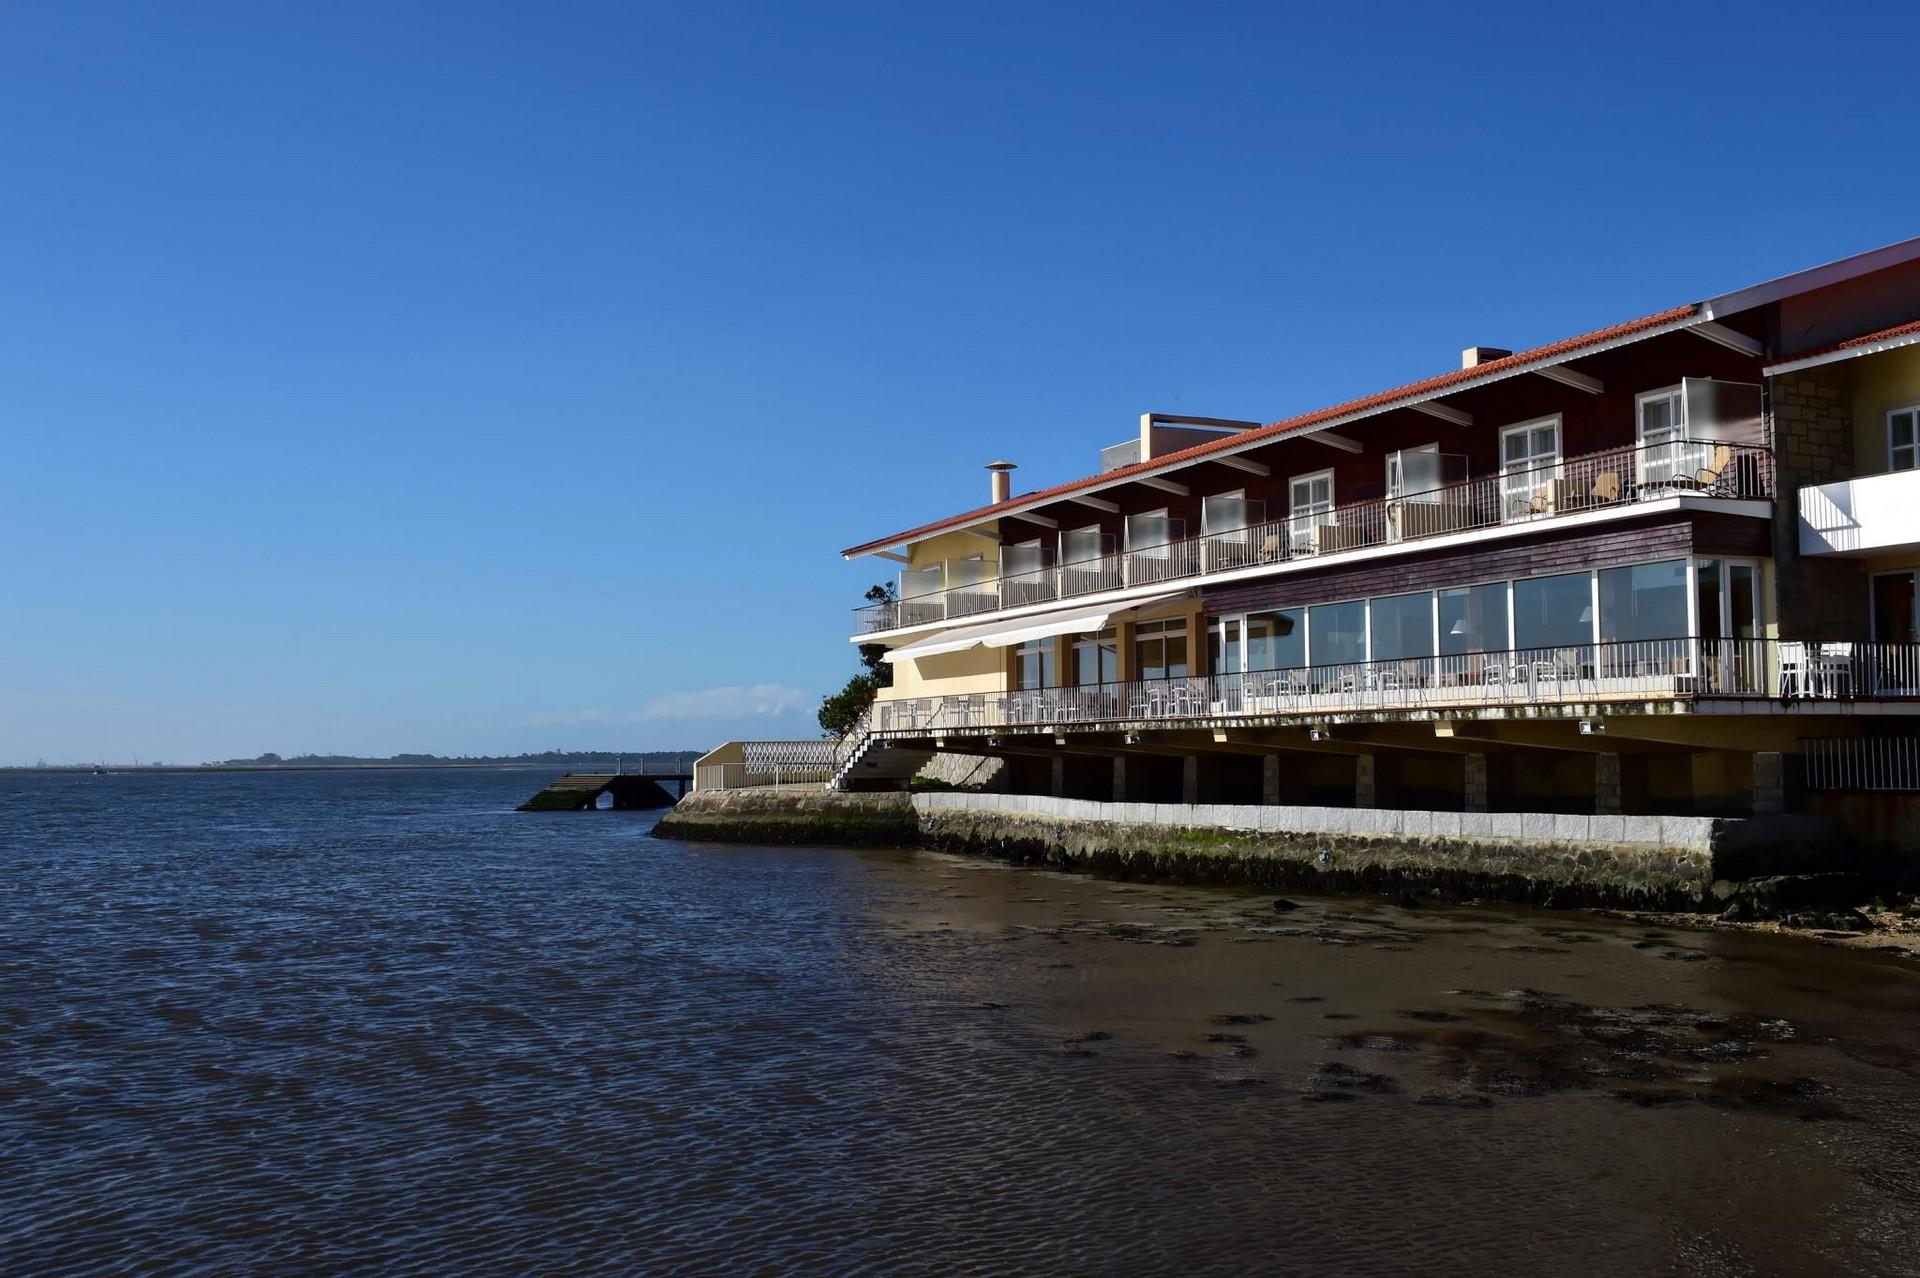 Historic Hotels in Portugal: Pousada da Ria historic hotels in portugal Historic Hotels in Portugal That You Can't Miss Historic Hotels in Portugal 2